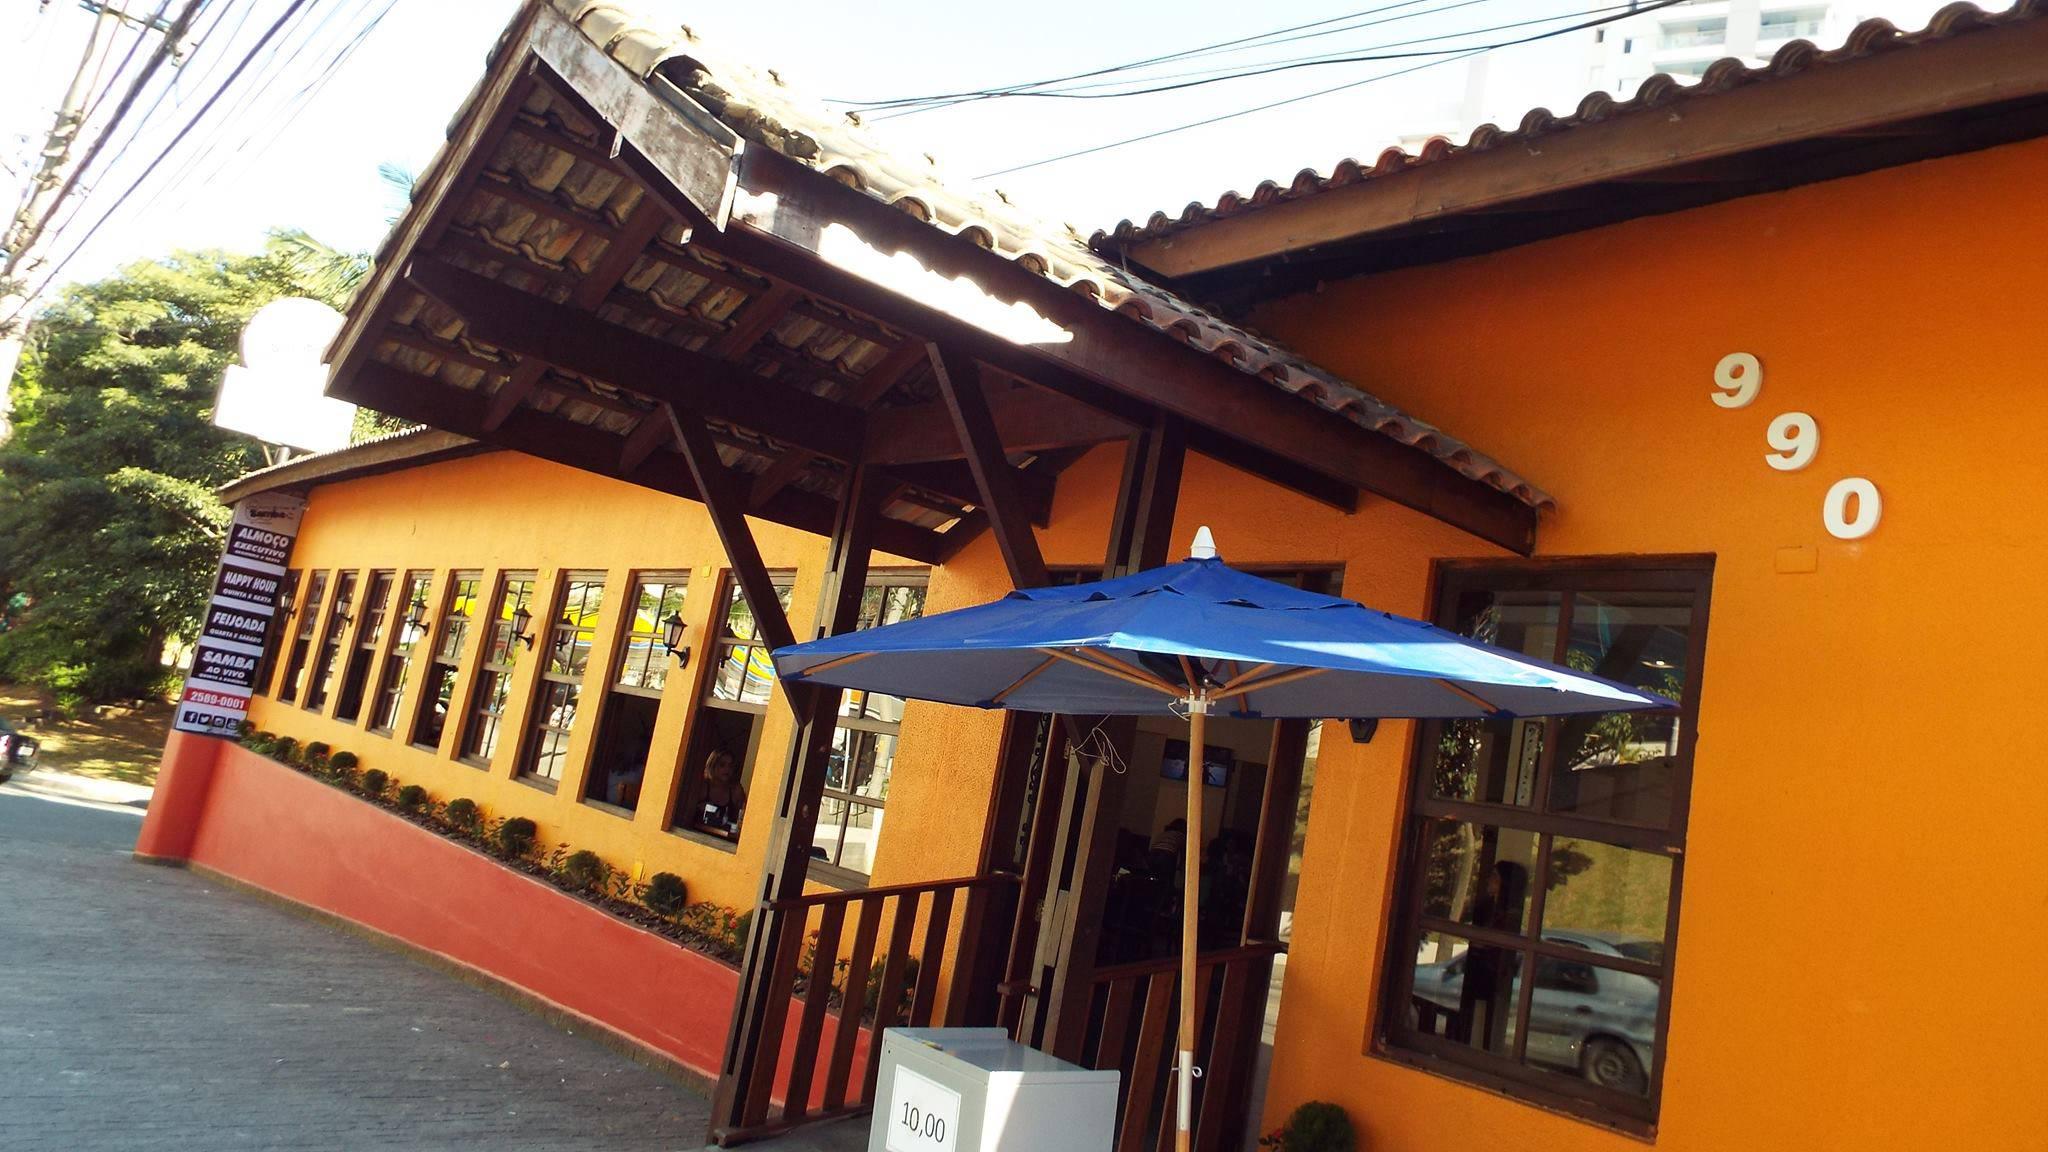 Na Casa do Samba Bar e Restaurante/bares/fotos2/12015233_137960649888764_3328249790963175782_o.jpg BaresSP